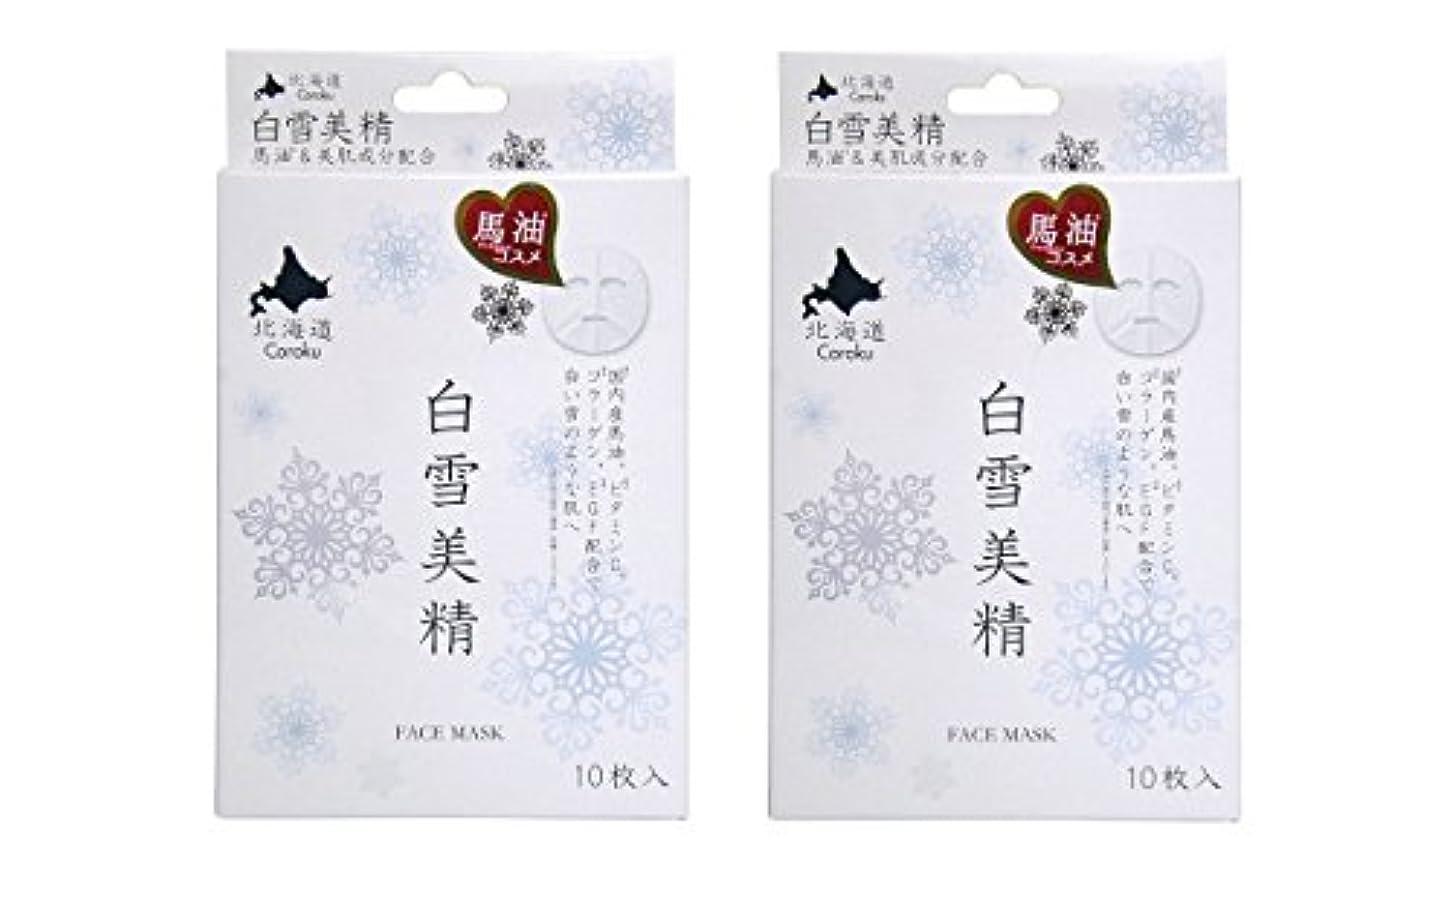 ぞっとするようなピンポイント才能のあるCoroku 白雪美精  フェイシャルホワイトマスク 10枚入り 2箱セット